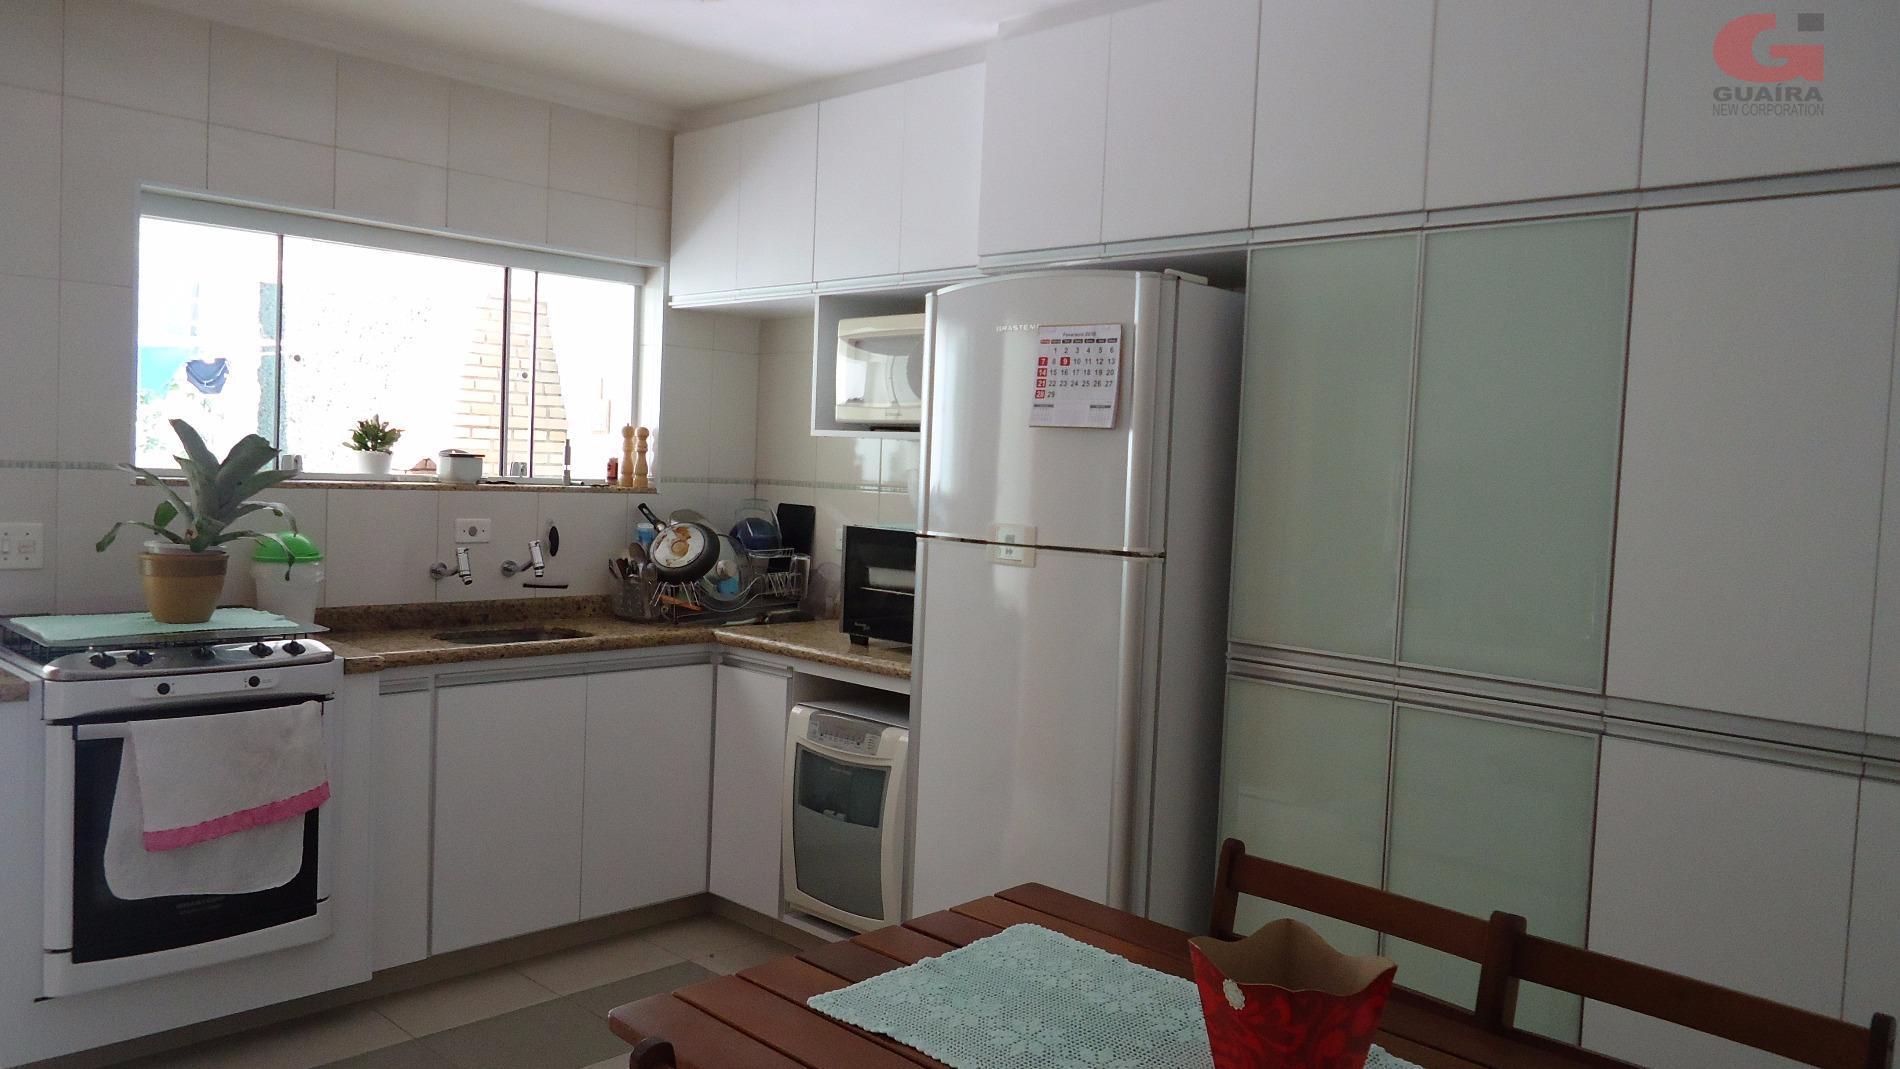 Sobrado de 2 dormitórios à venda em Santa Terezinha, São Bernardo Do Campo - SP